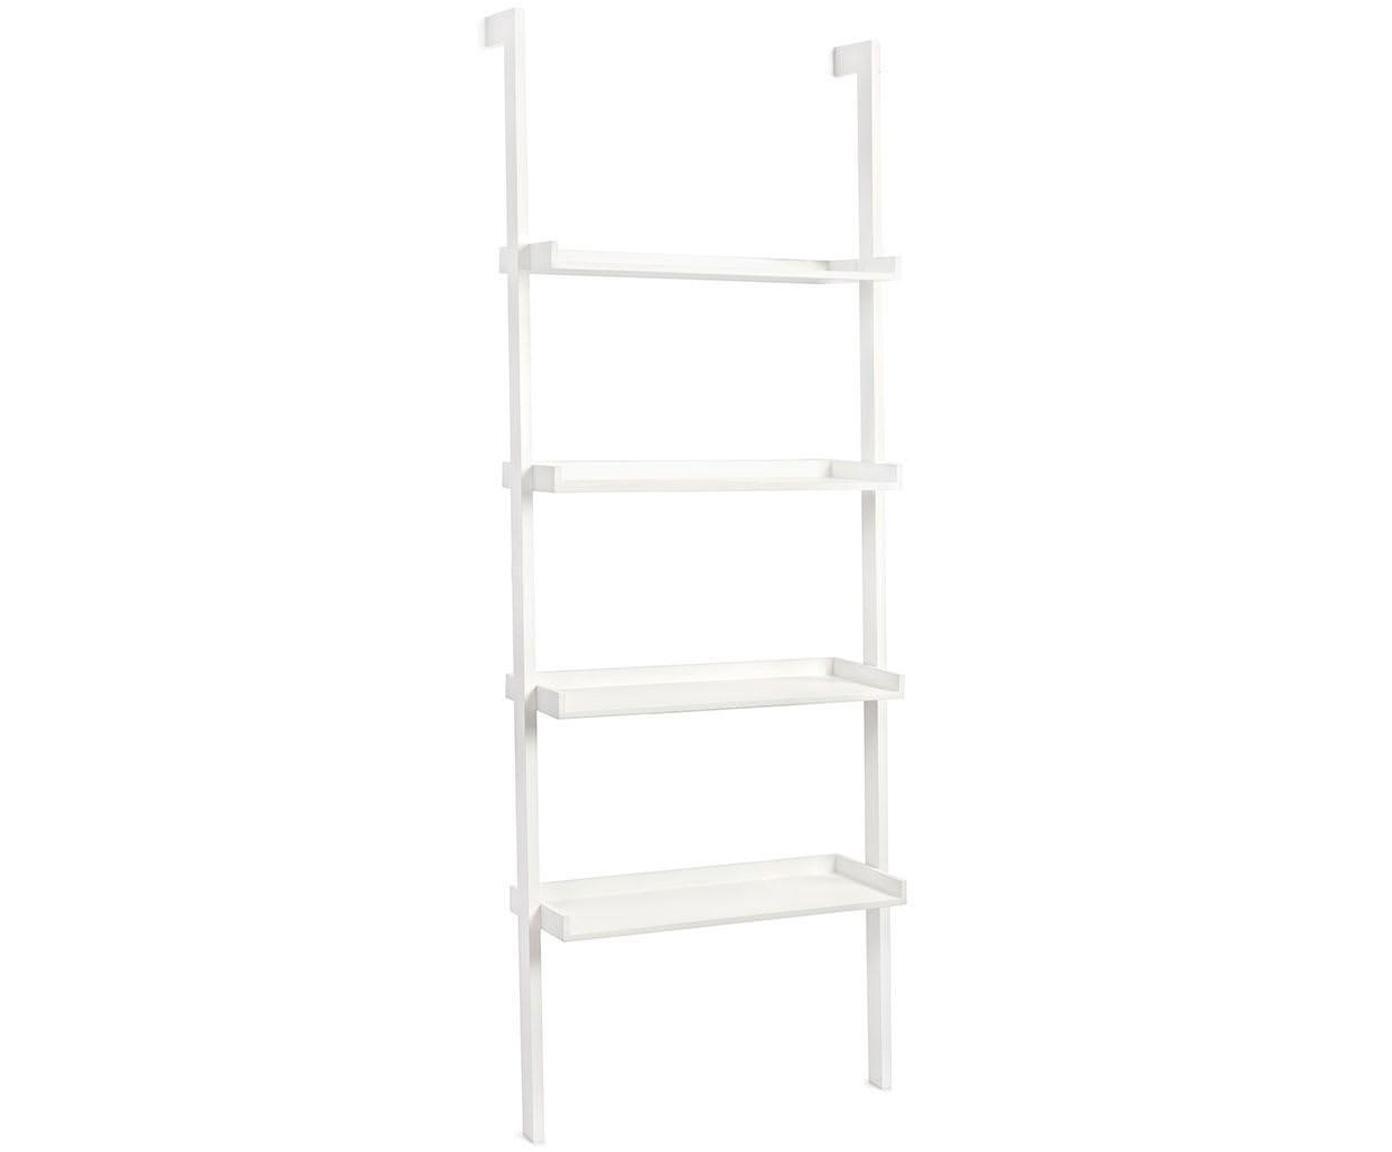 Estantería Porthos, Estructura: tablero de fibras de dens, Blanco, An 67 x Al 180 cm